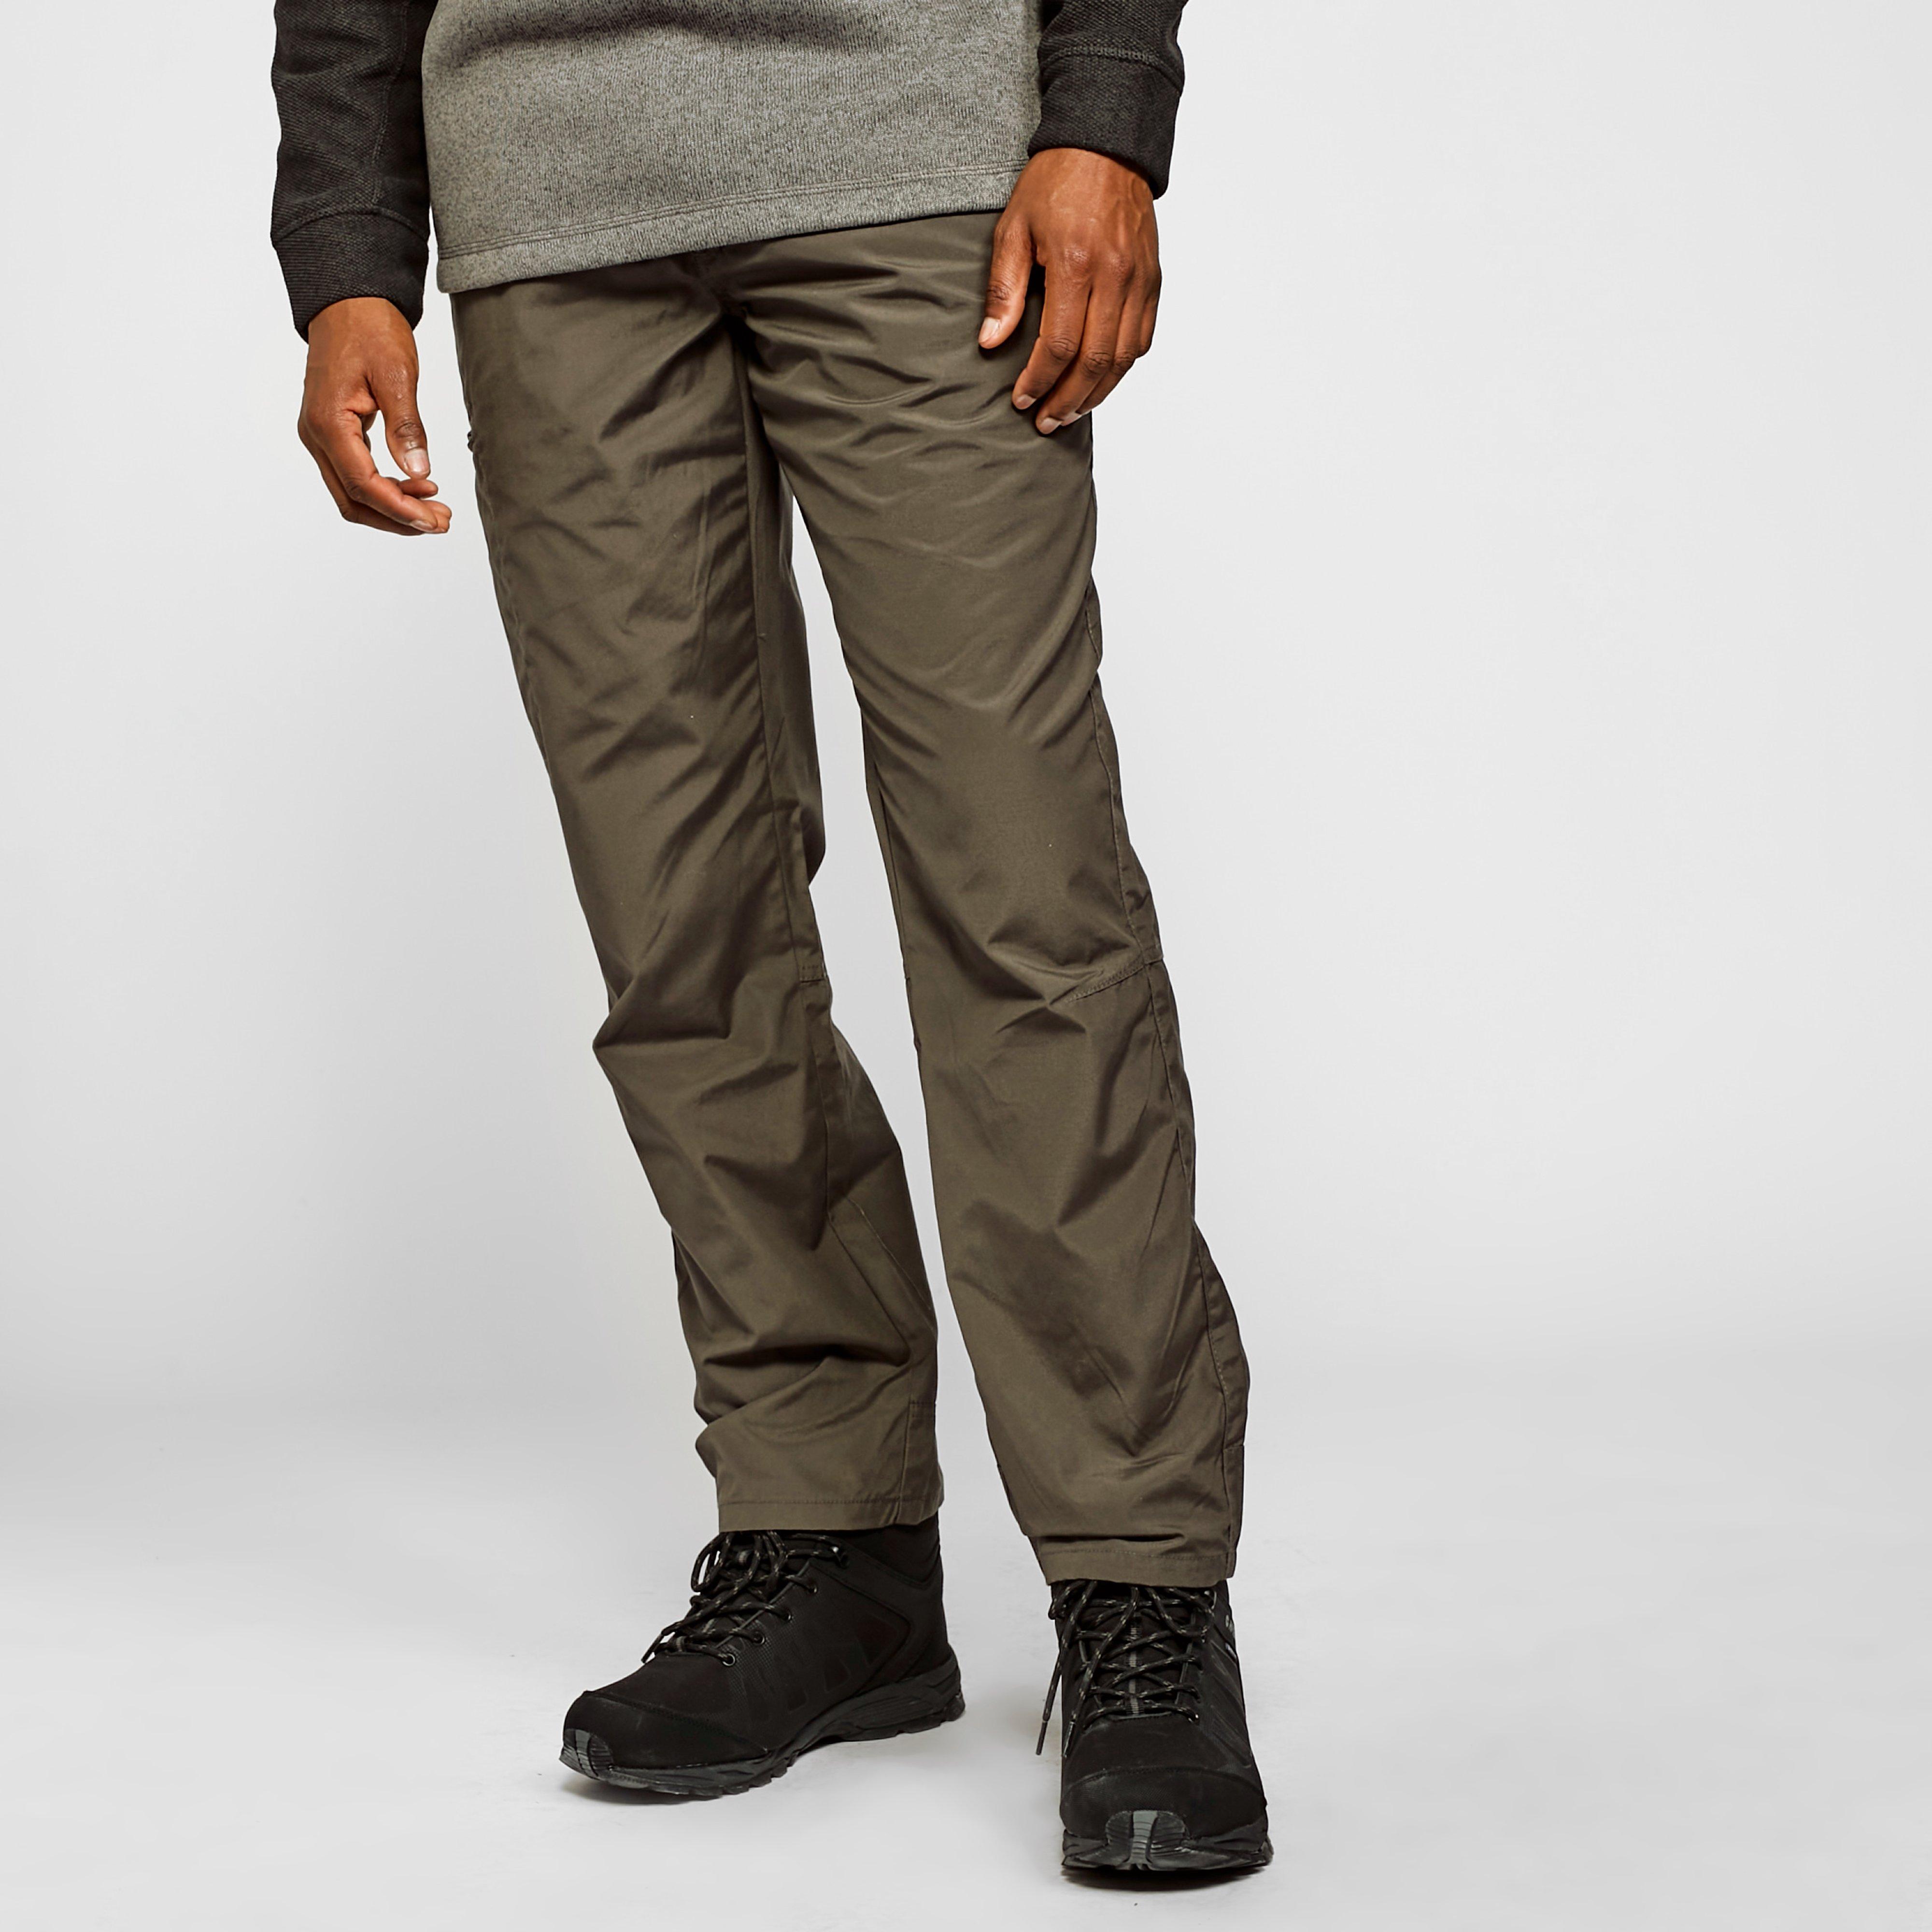 Craghoppers Men's Boulder Trousers - Khaki/Dgn, Khaki